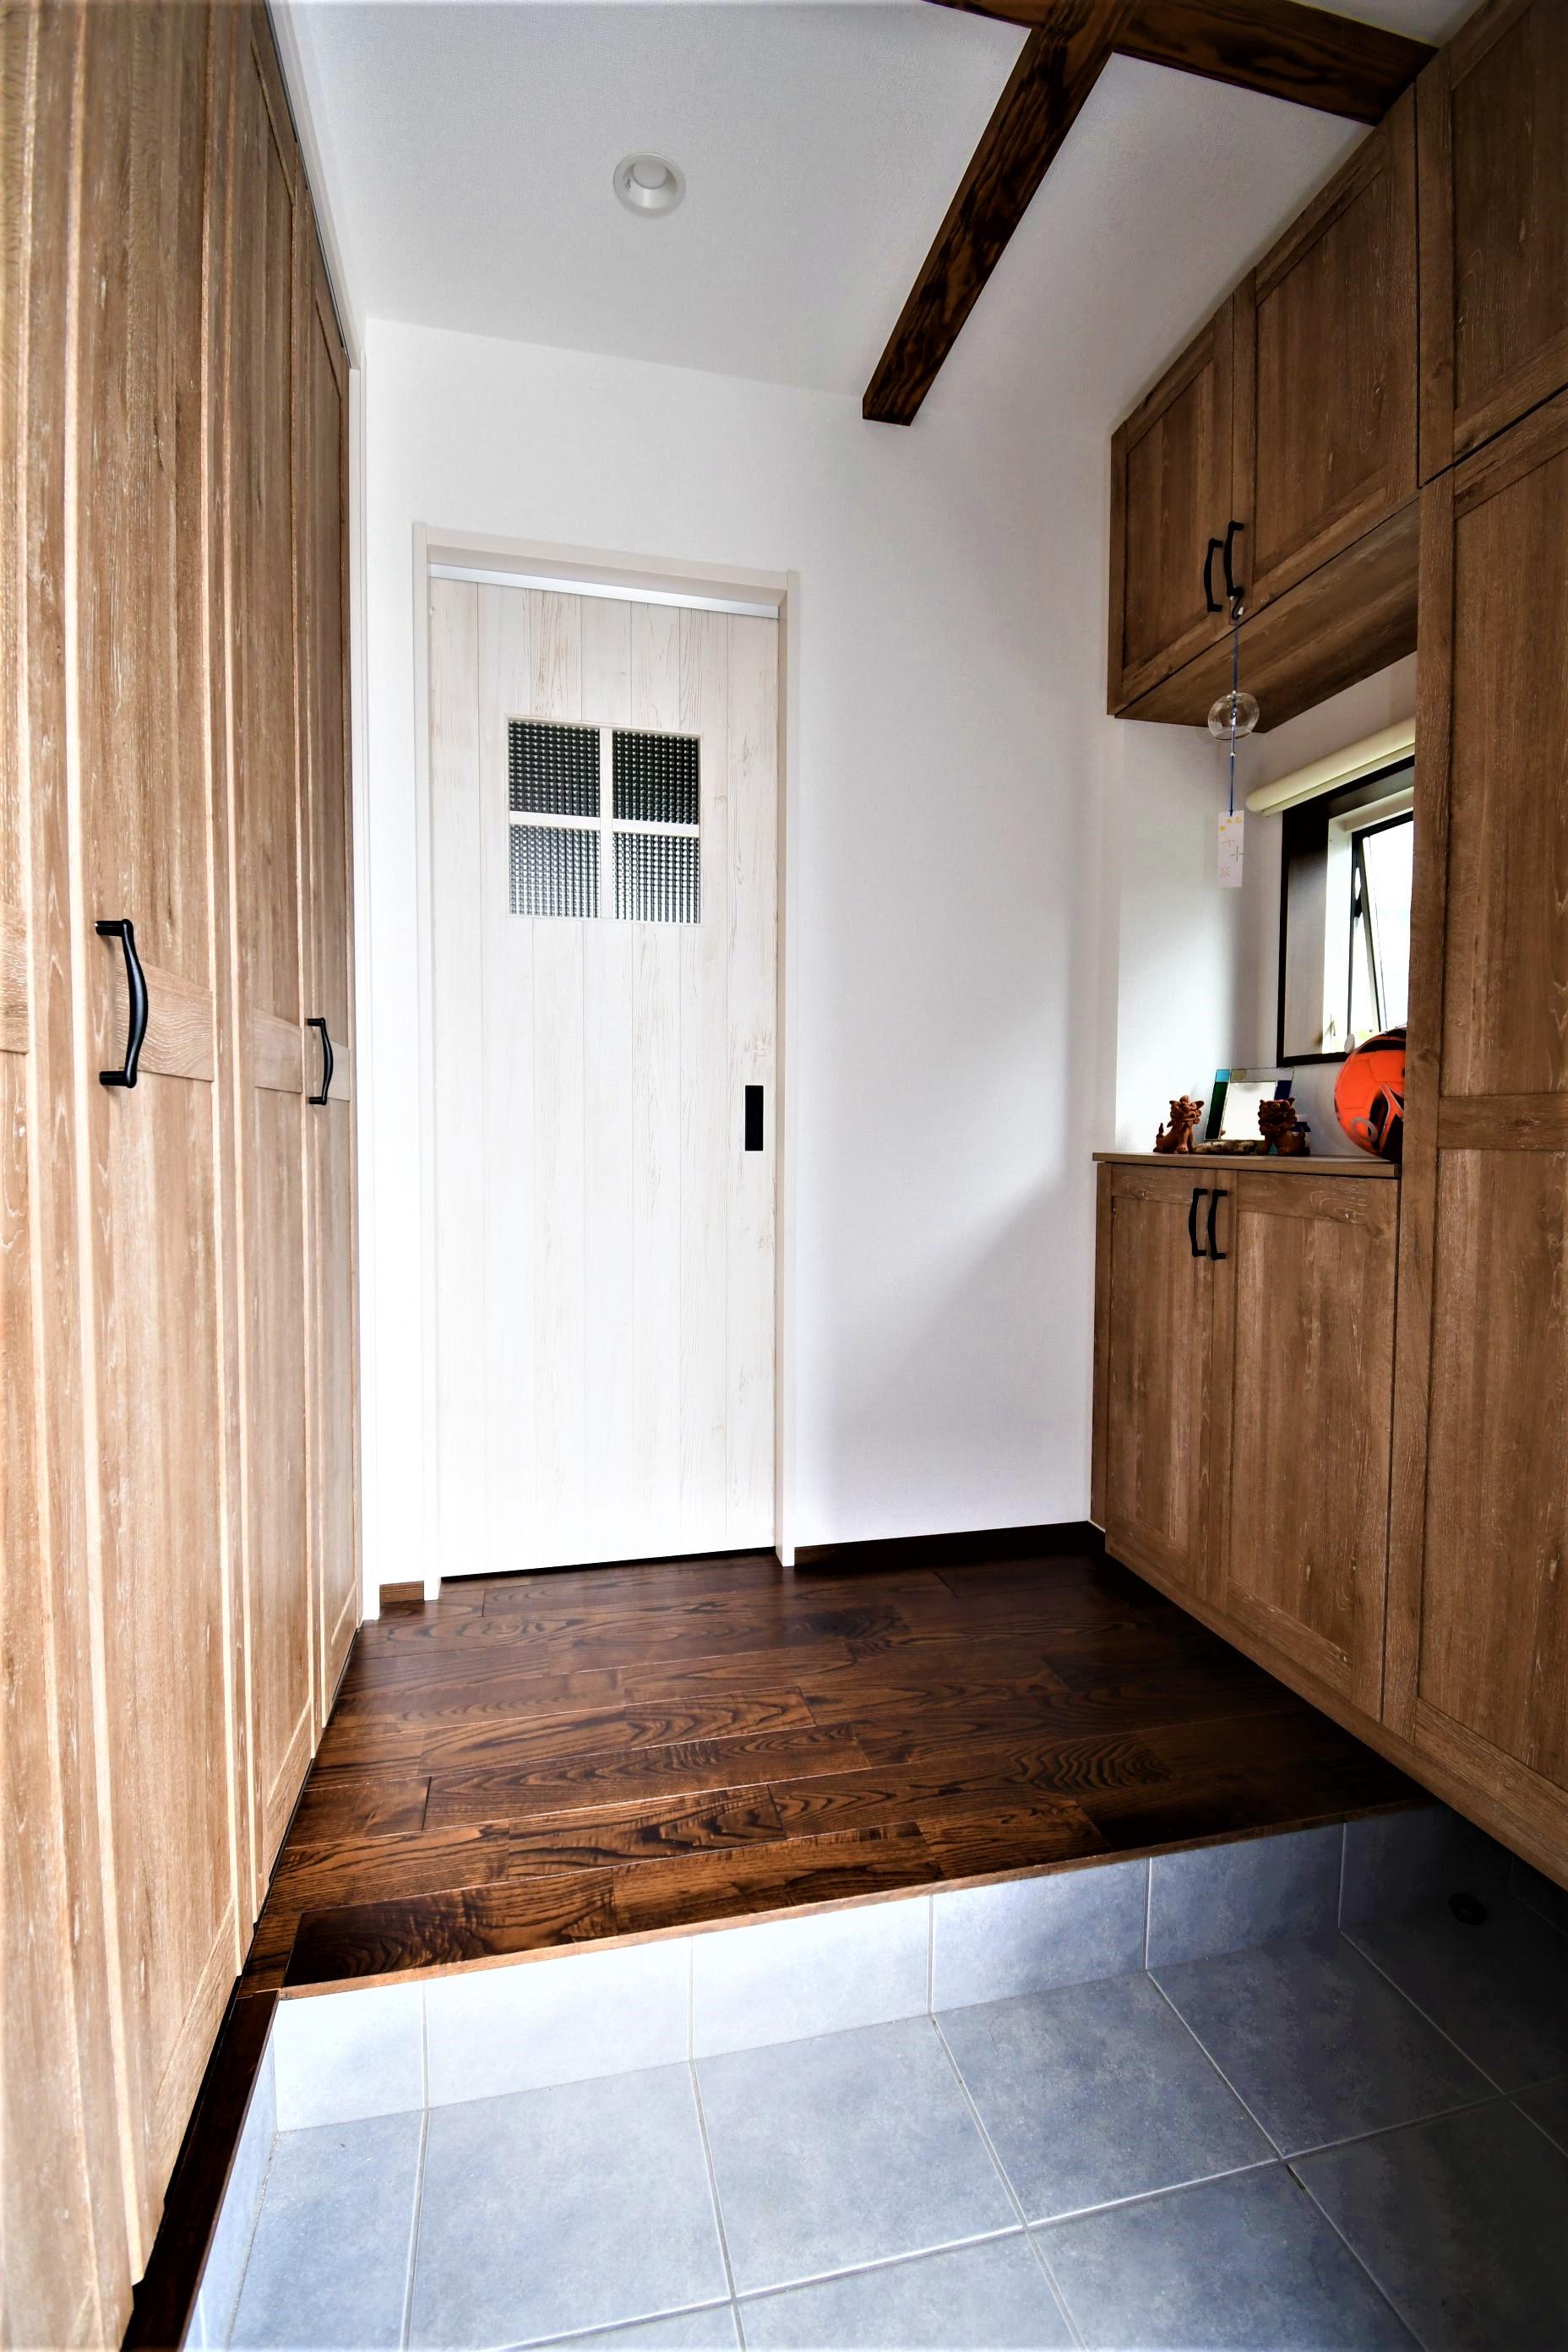 丸七建設興業【デザイン住宅、間取り、インテリア】収納豊富な玄関ホール。濃い木目が空間に彩を与えている